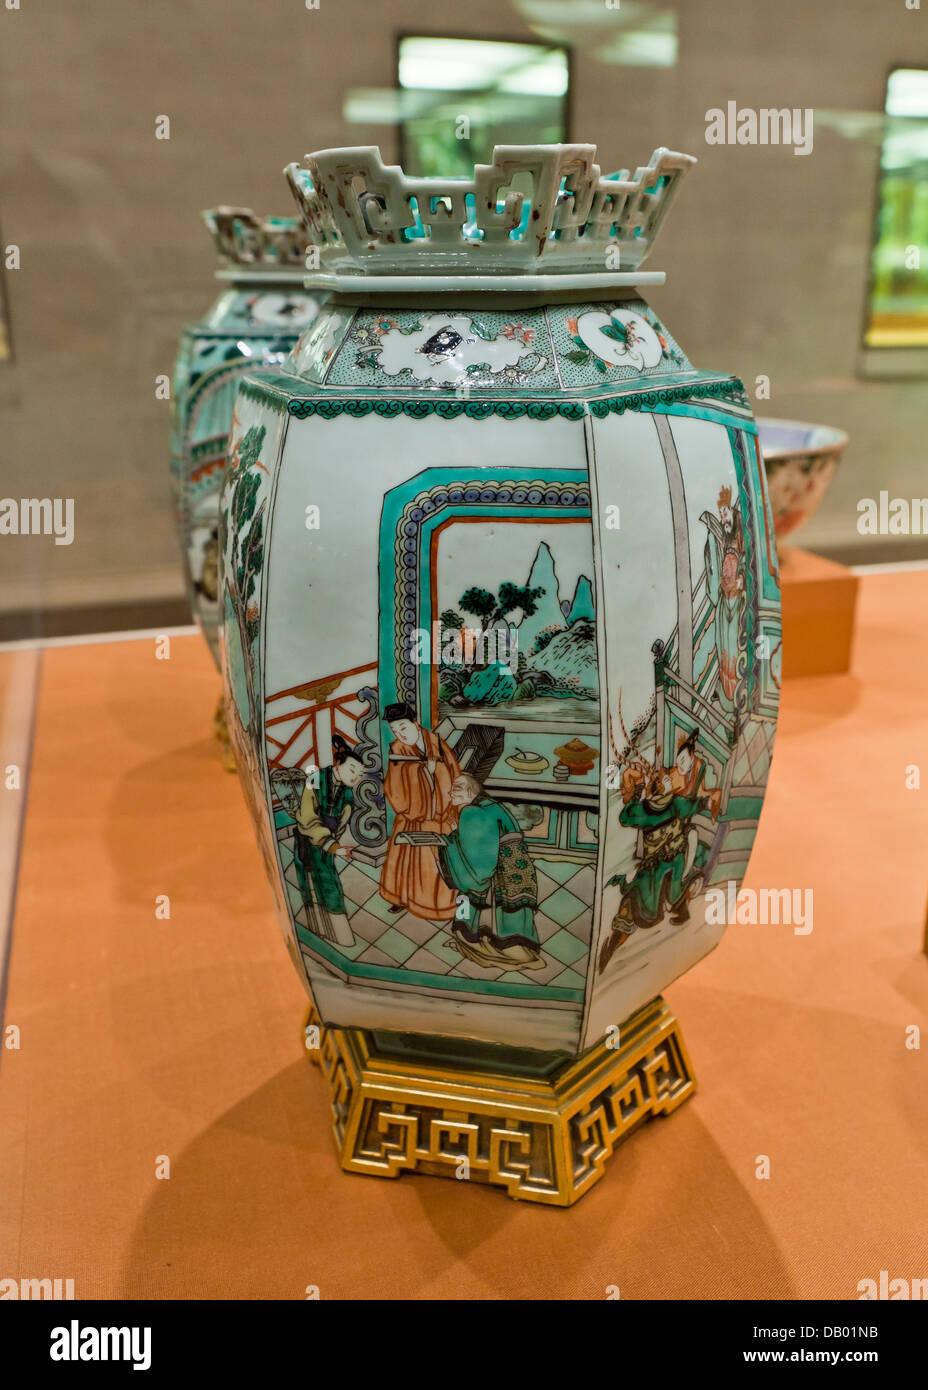 Antique Chinese hexagonal porcelain lantern - overglaze famille verte enamels on porcelain - Kangxi reign, 1662 - Stock Image